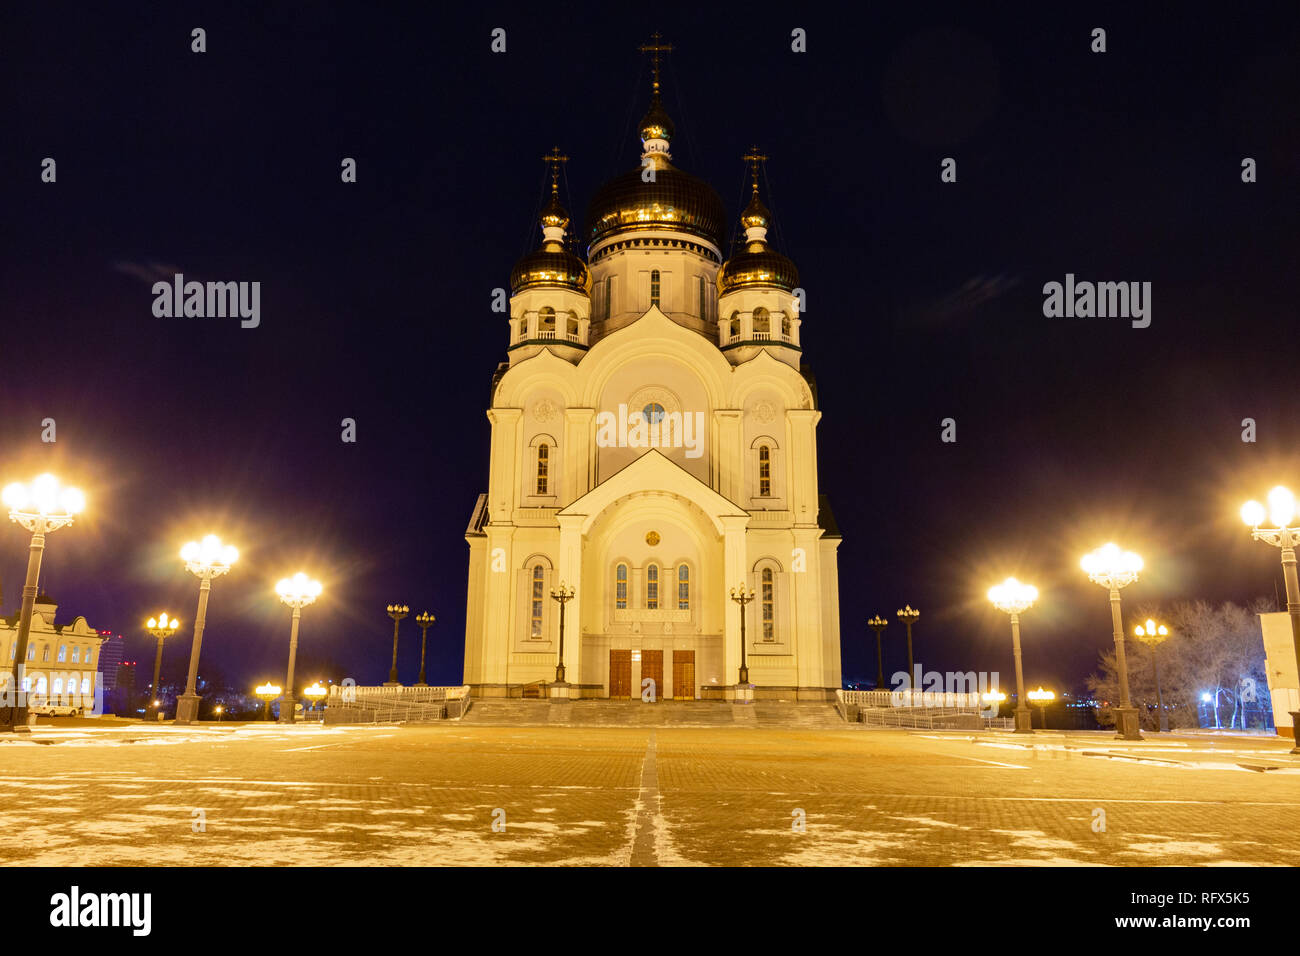 Spaso-Preobrazhensky Cathedral in Khabarovsk at night. - Stock Image